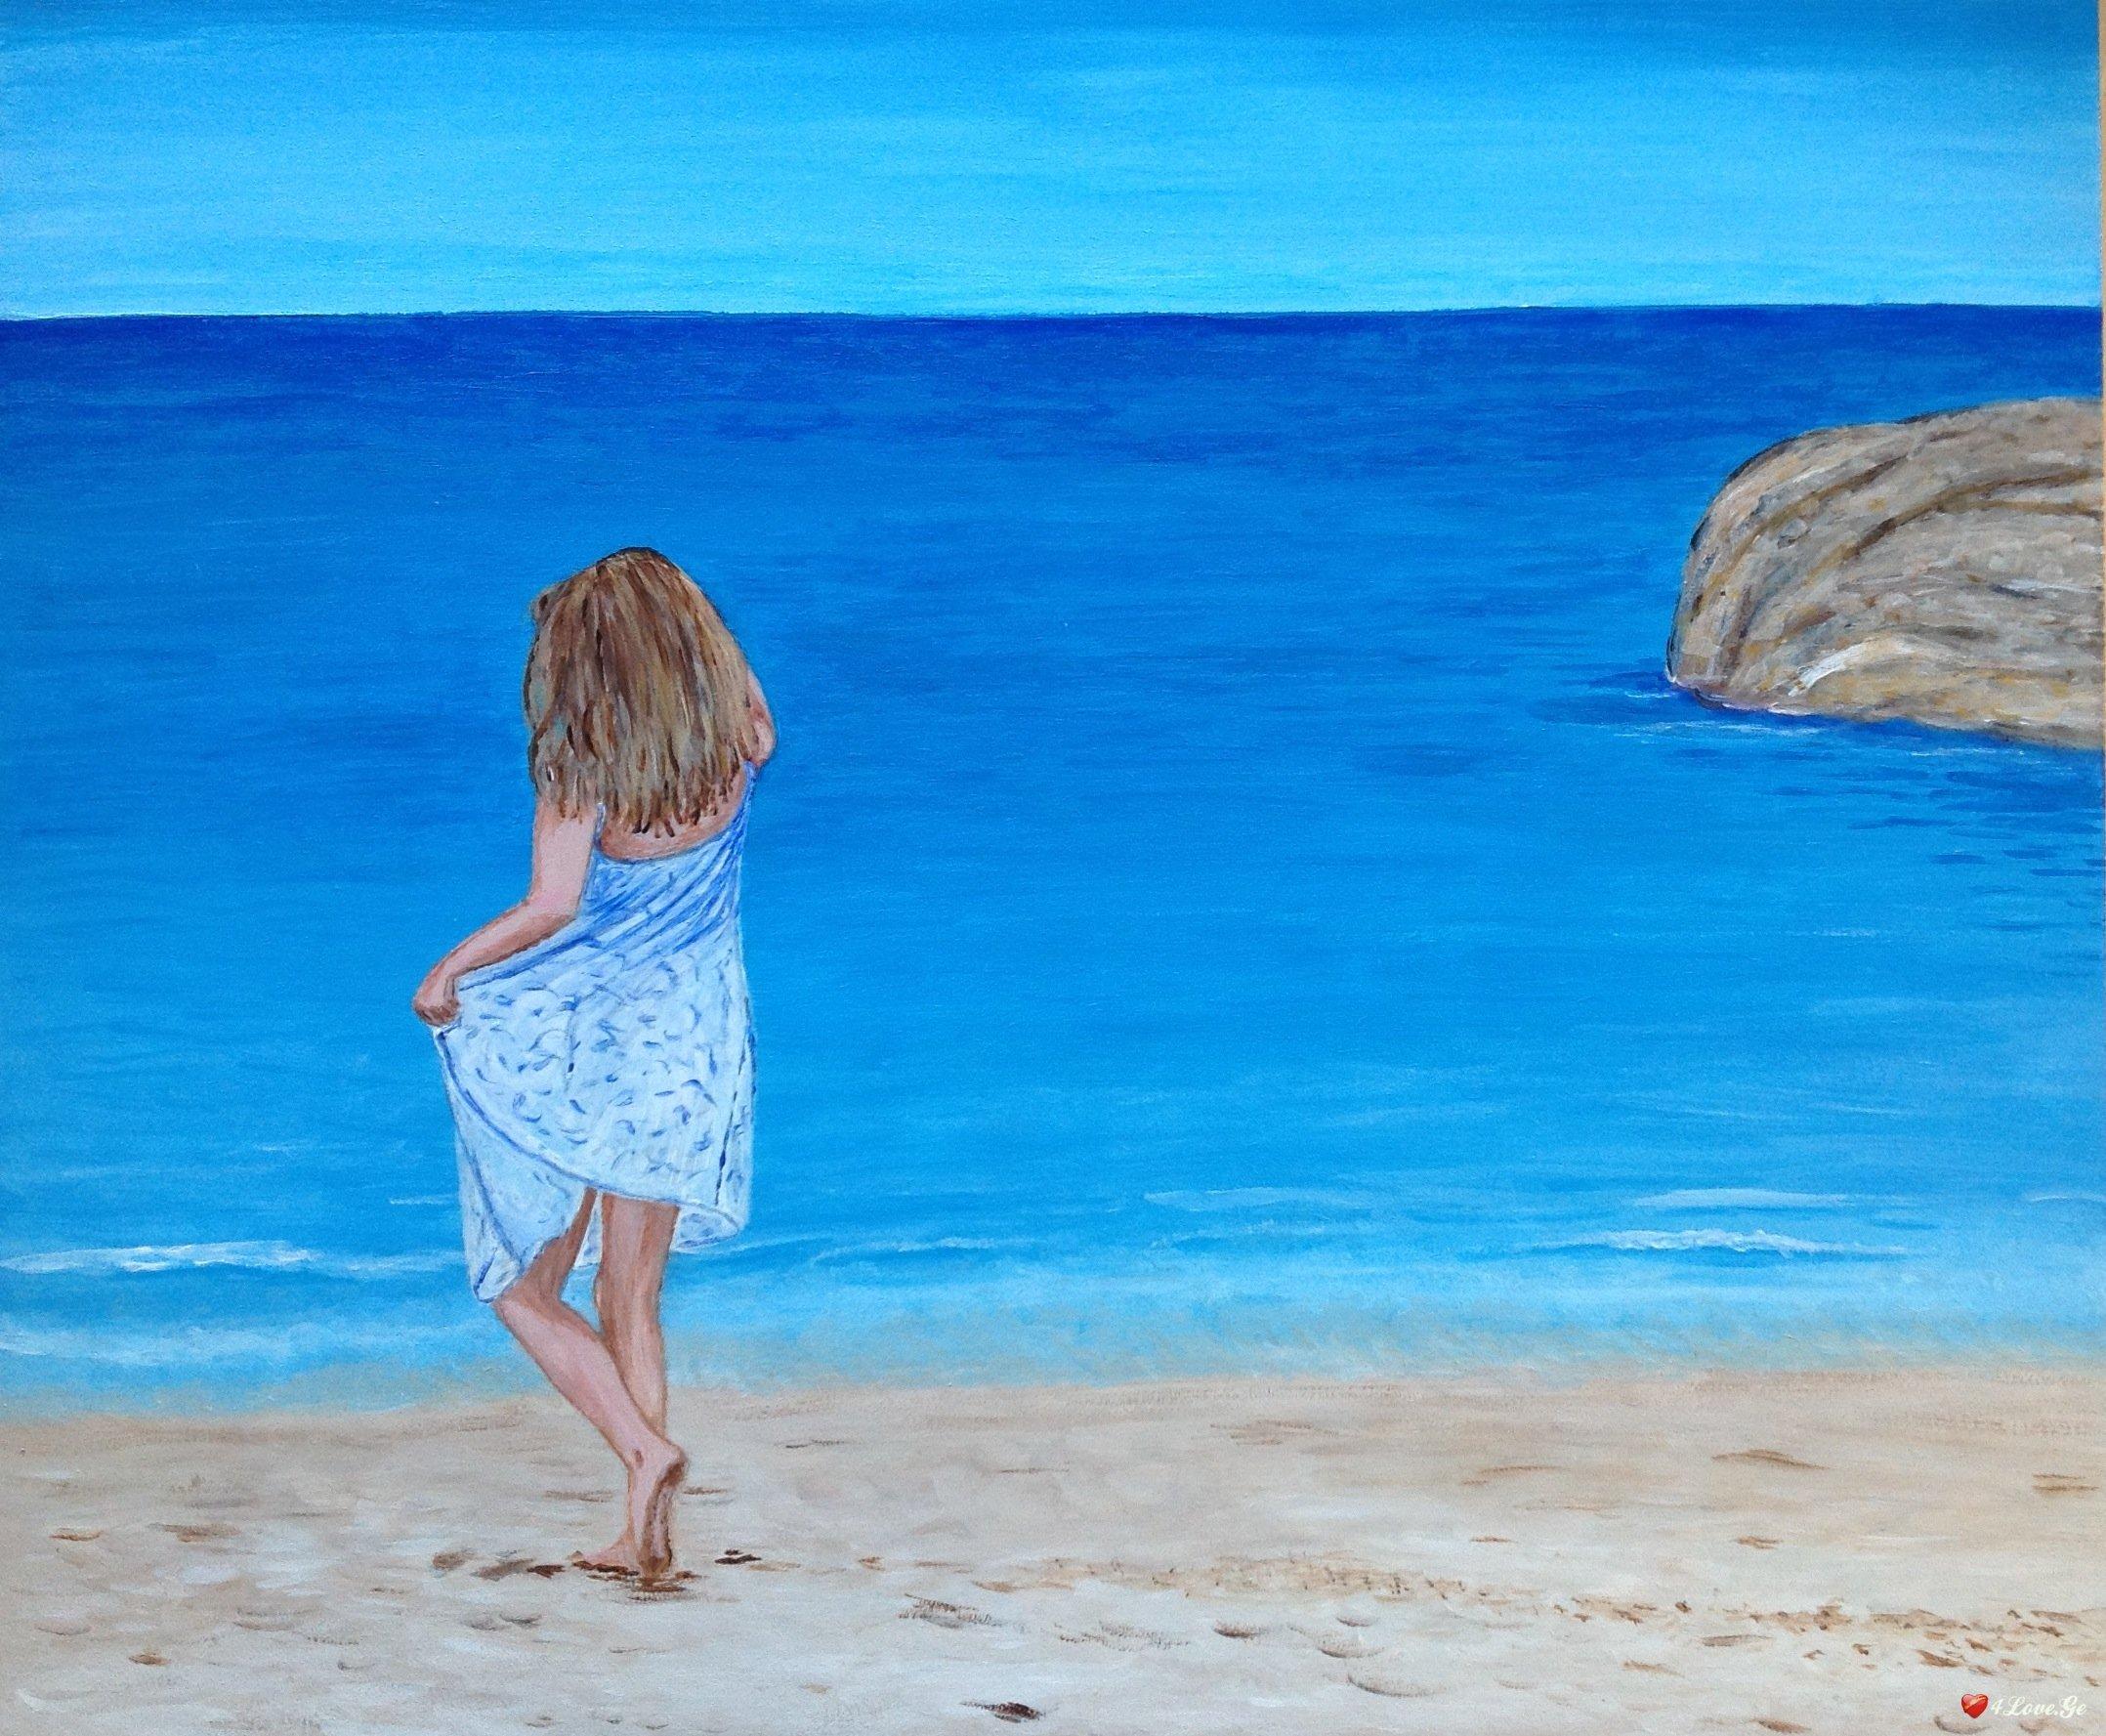 პატარა გოგონა ზღვის პირას (პირველი თავი)